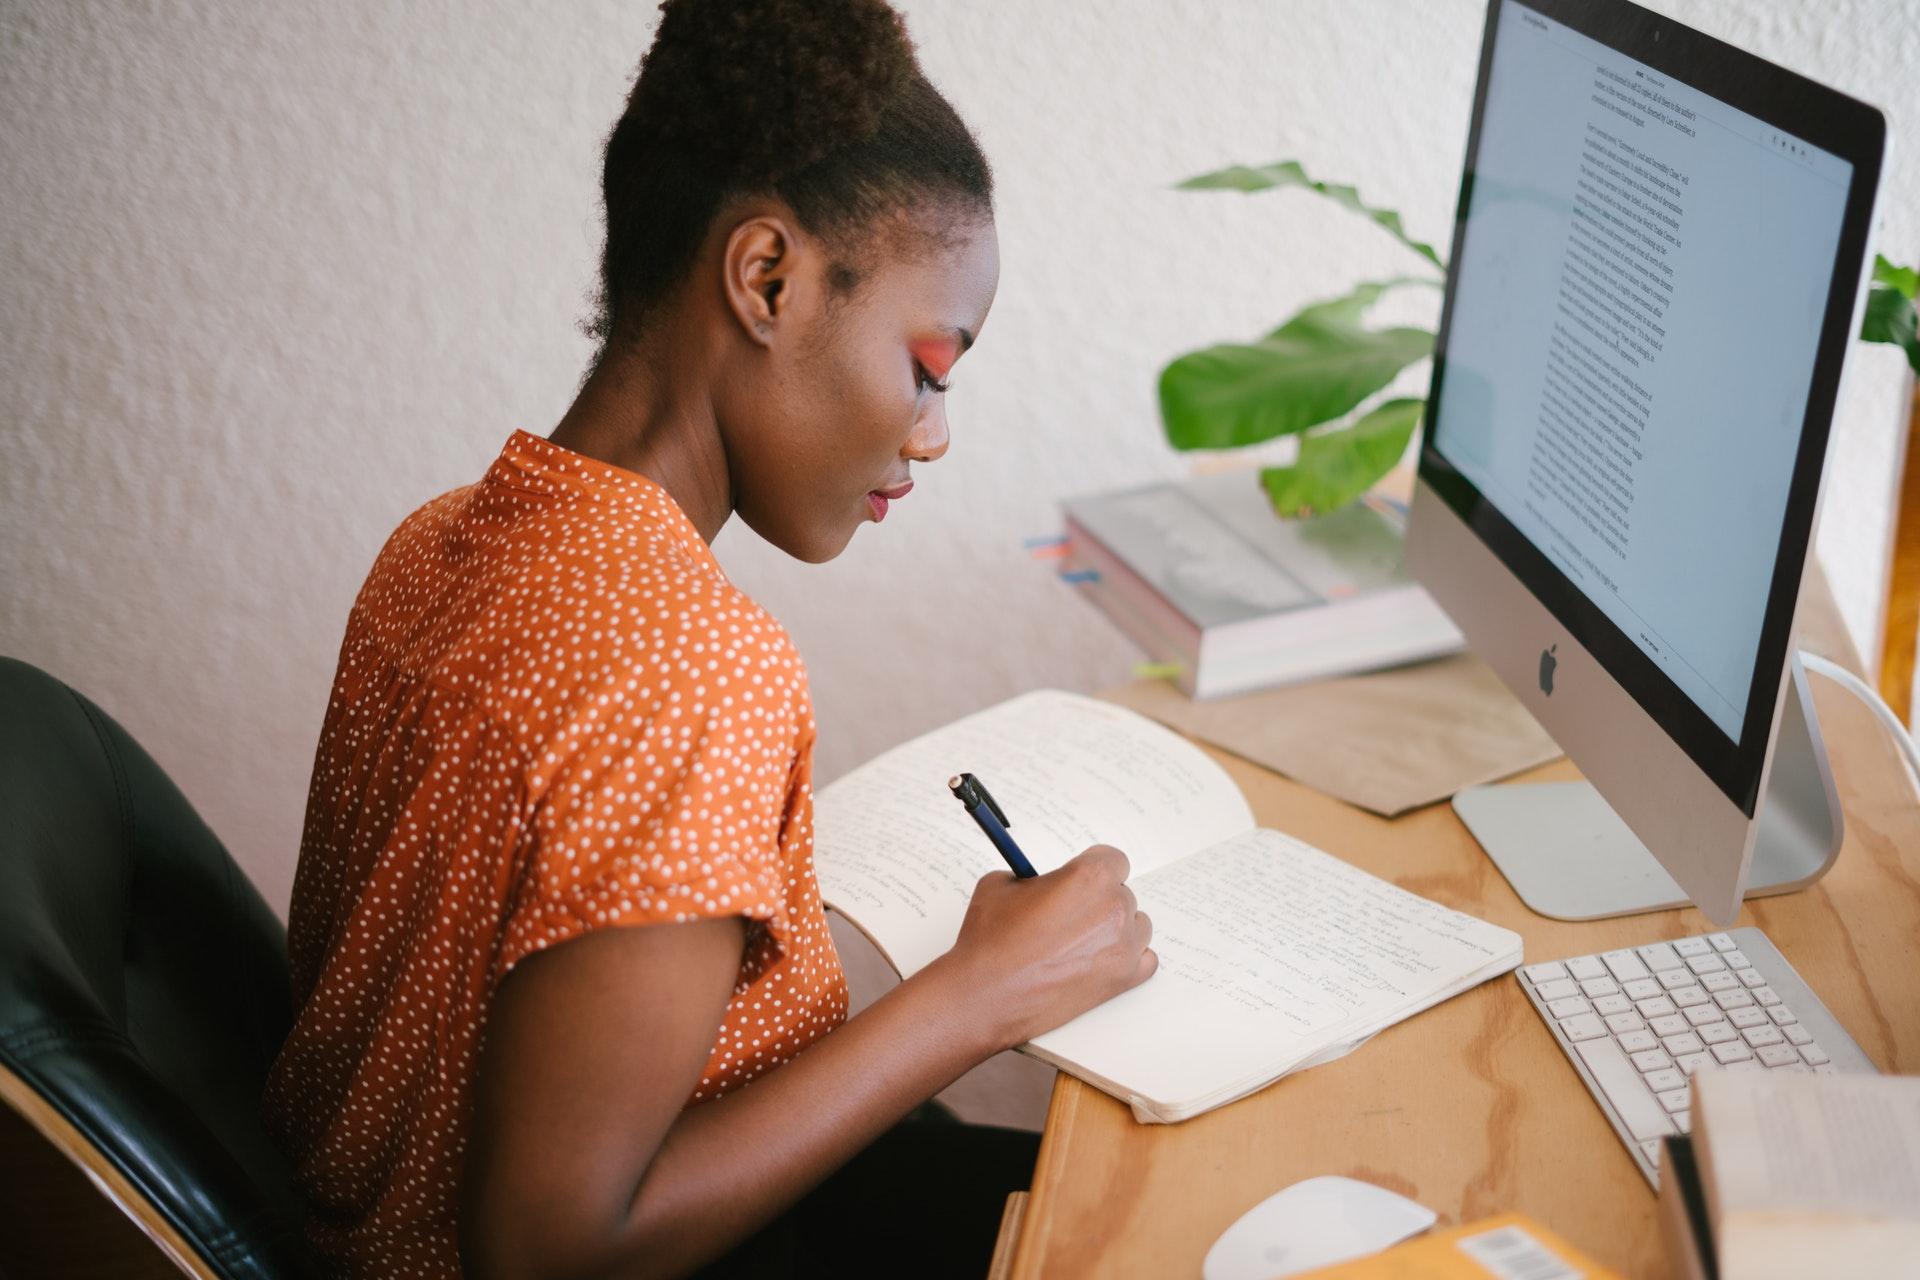 Học từ vựng - Bước cơ bản trong quá trình học tiếng Anh cho người mới bắt đầu